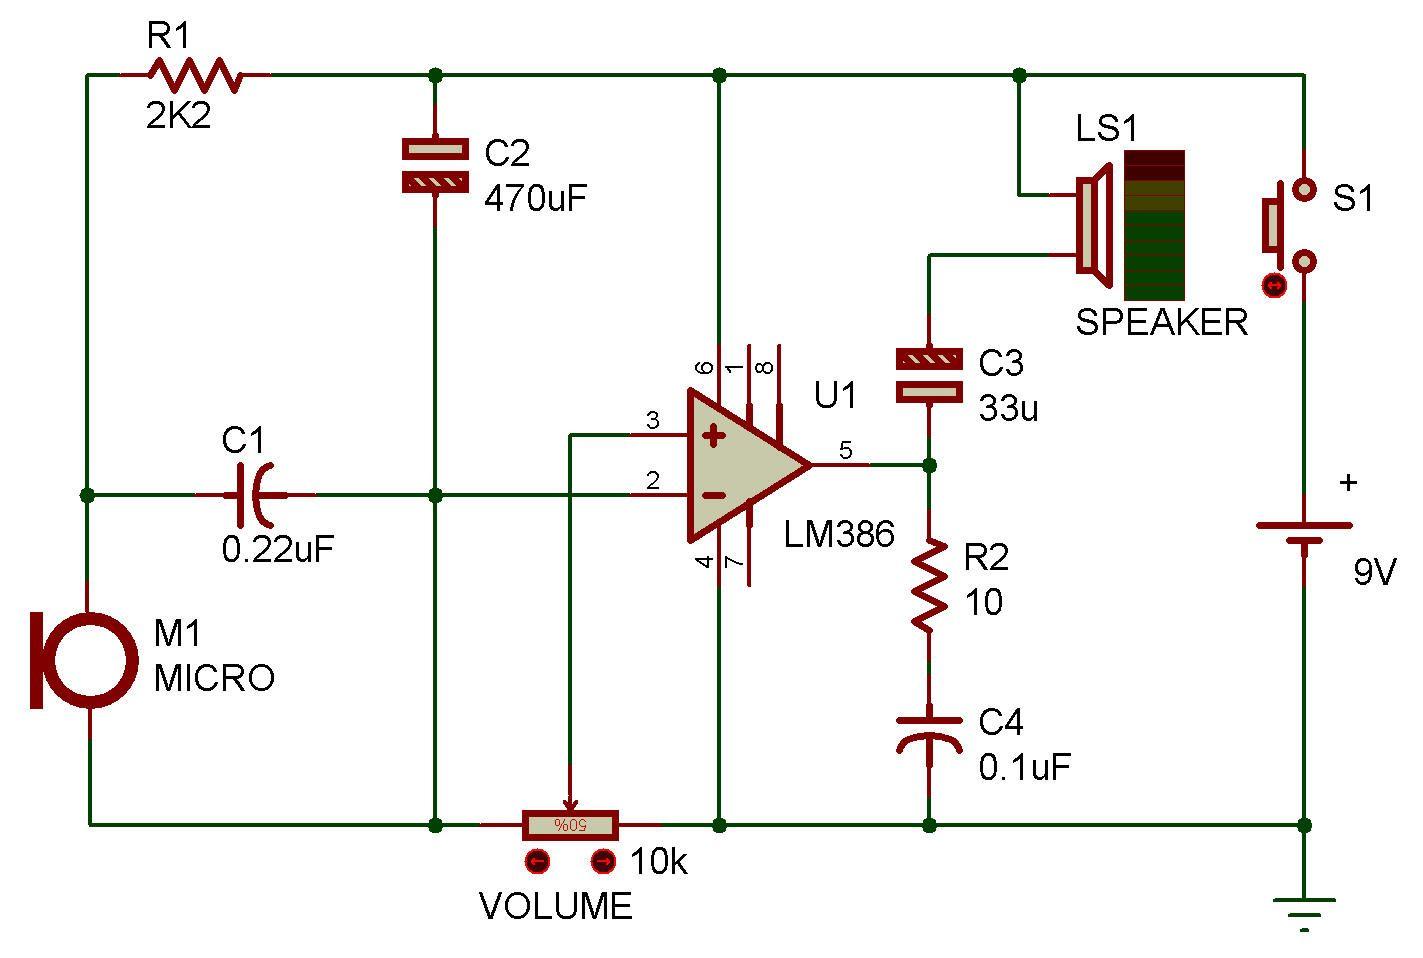 Http Www Zpag Net Electroniques Aop Megaphone Simple Html Audio Amplifier Megaphone Electronics